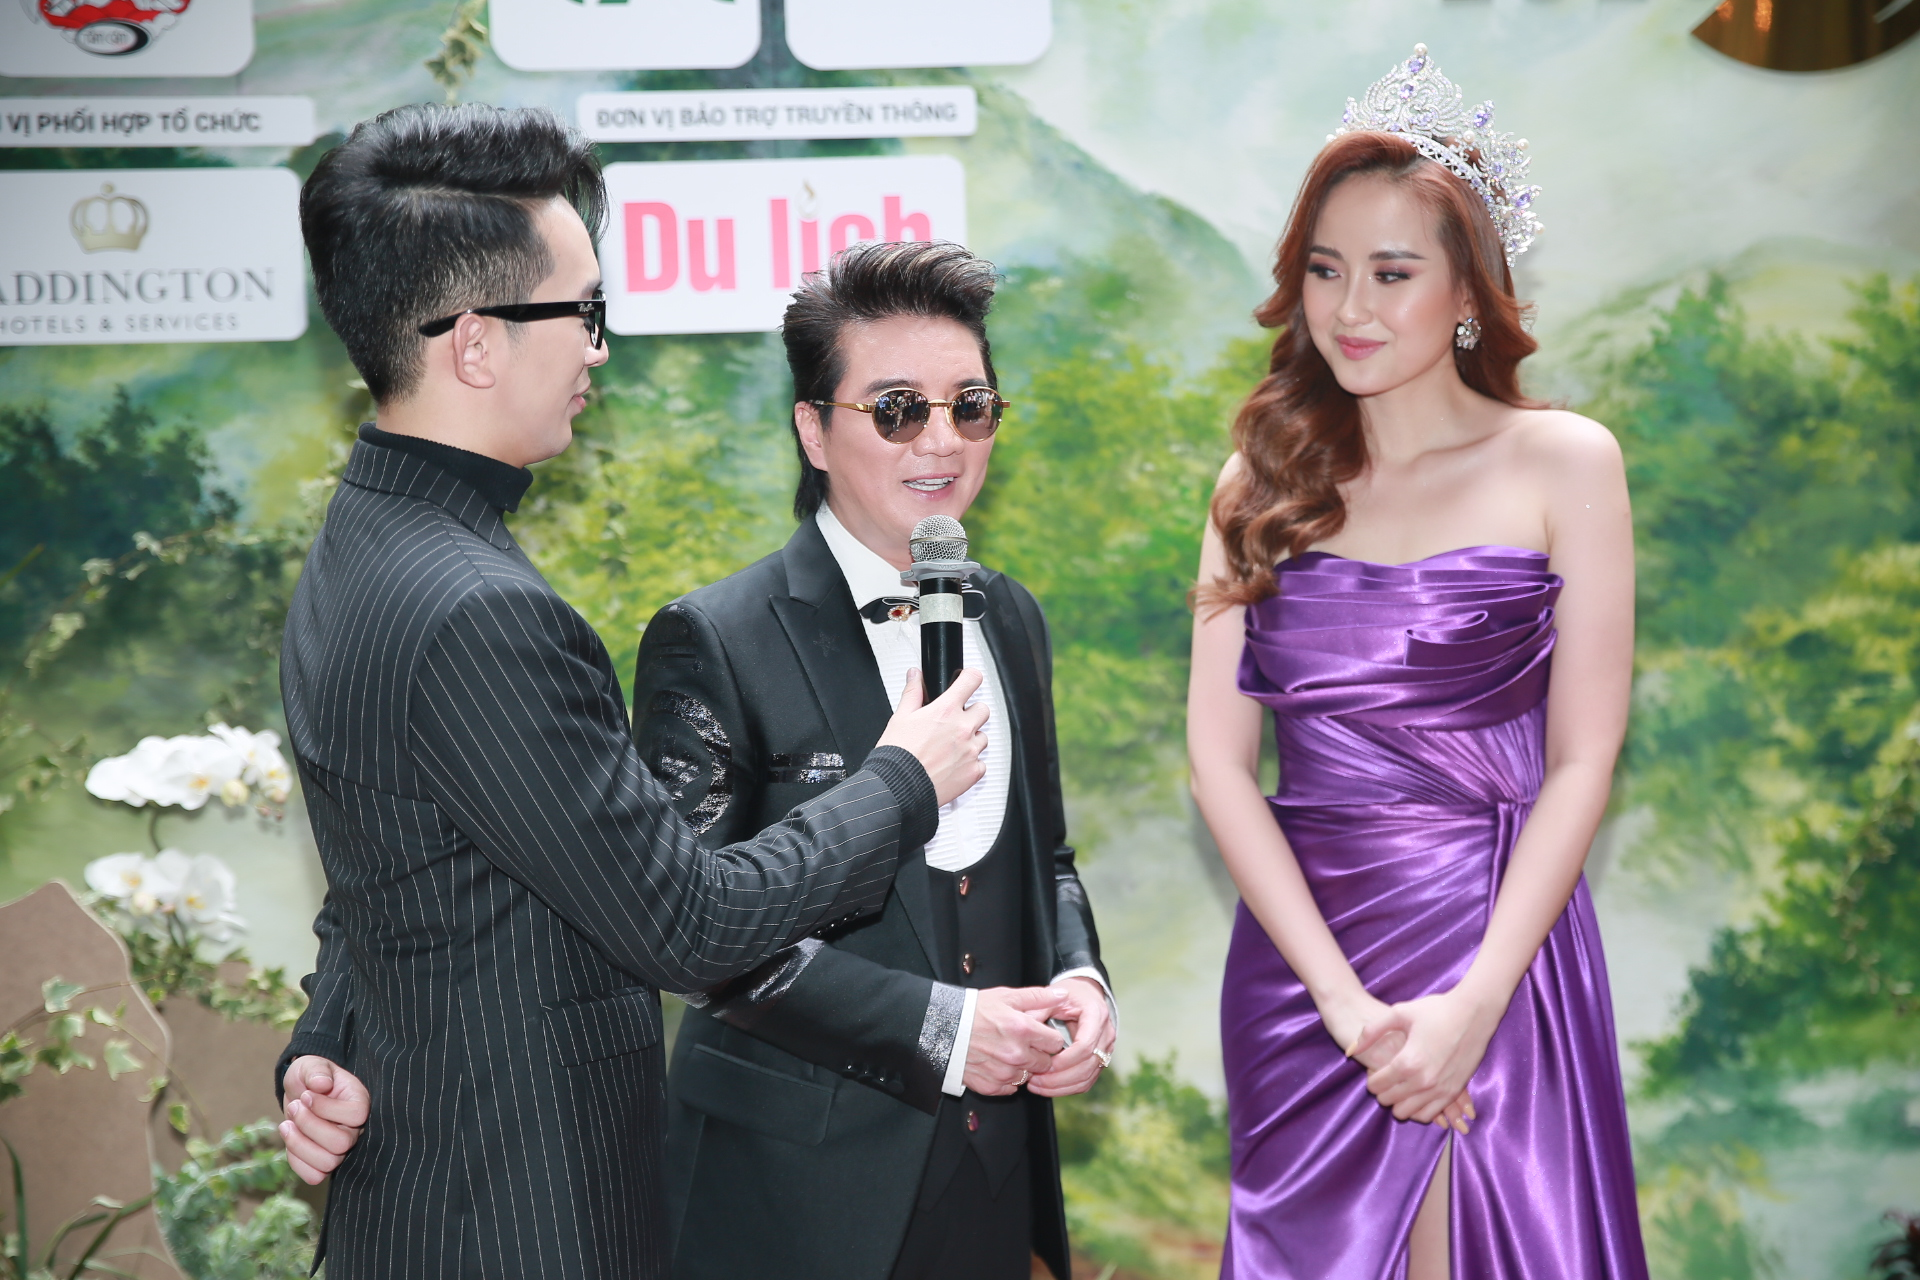 Ca sĩ Đàm Vĩnh Hưng tham dự phỏng vấn họp báo cùng hoa hậu Ngân Khánh